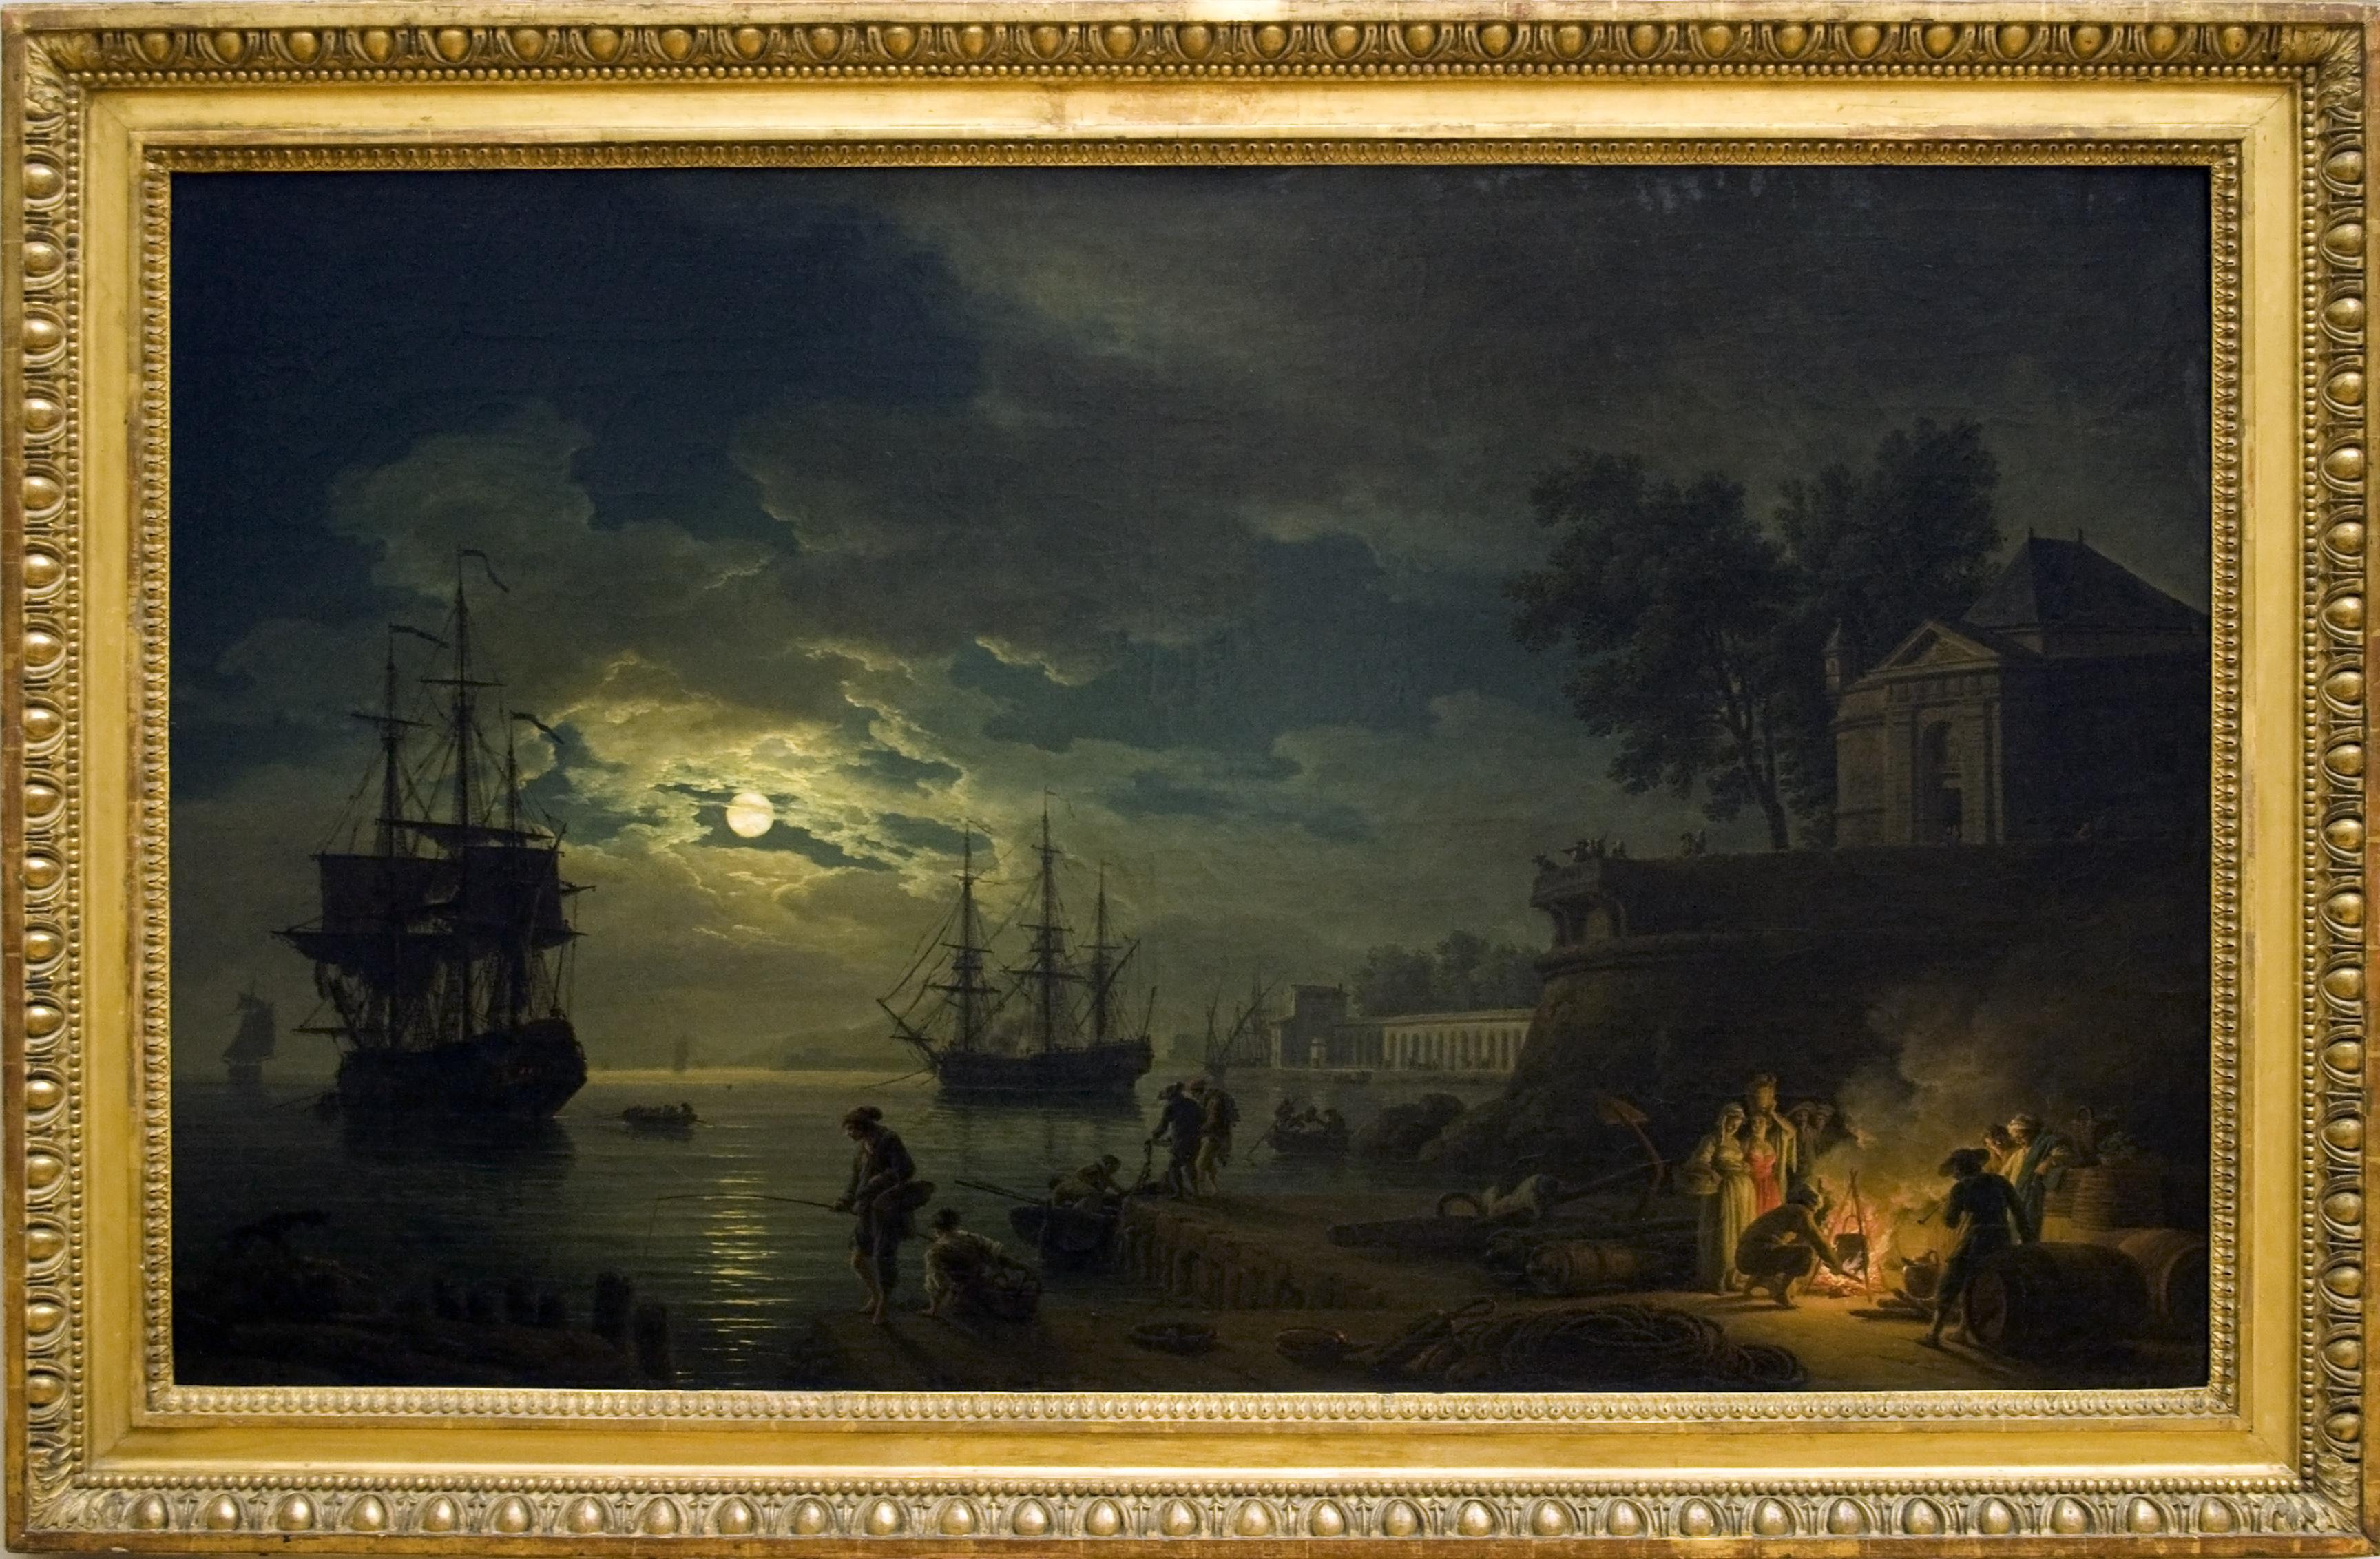 FileLa Nuit Un Port De Mer Au Clair De Lunejpg